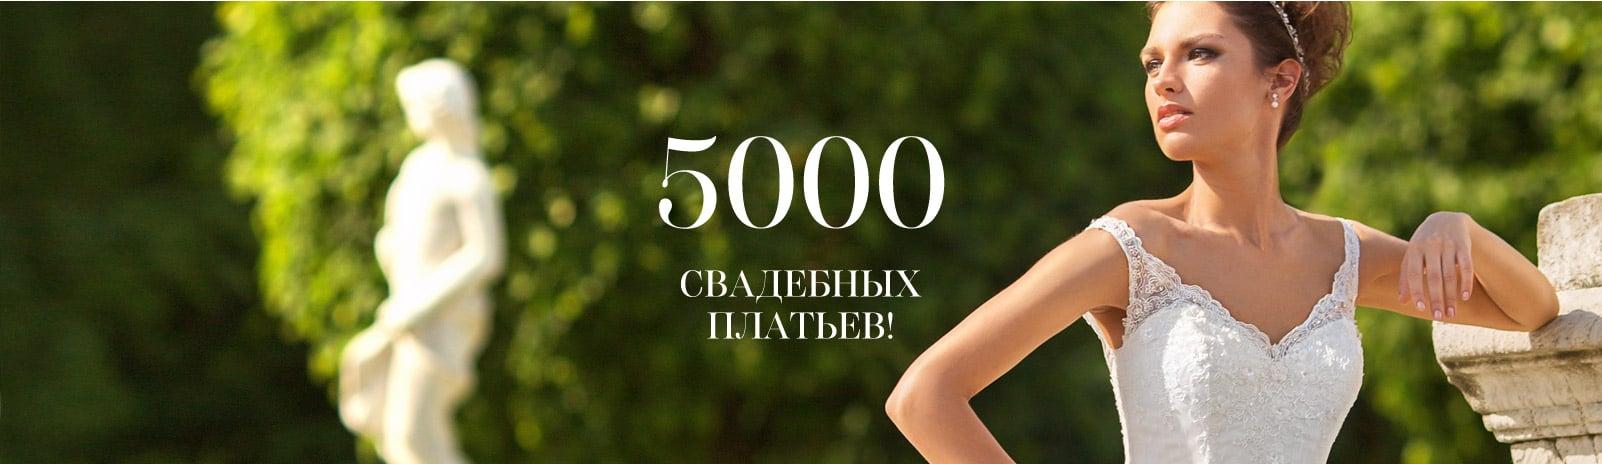 5000 свадебных платьев в салоне Валенсия!